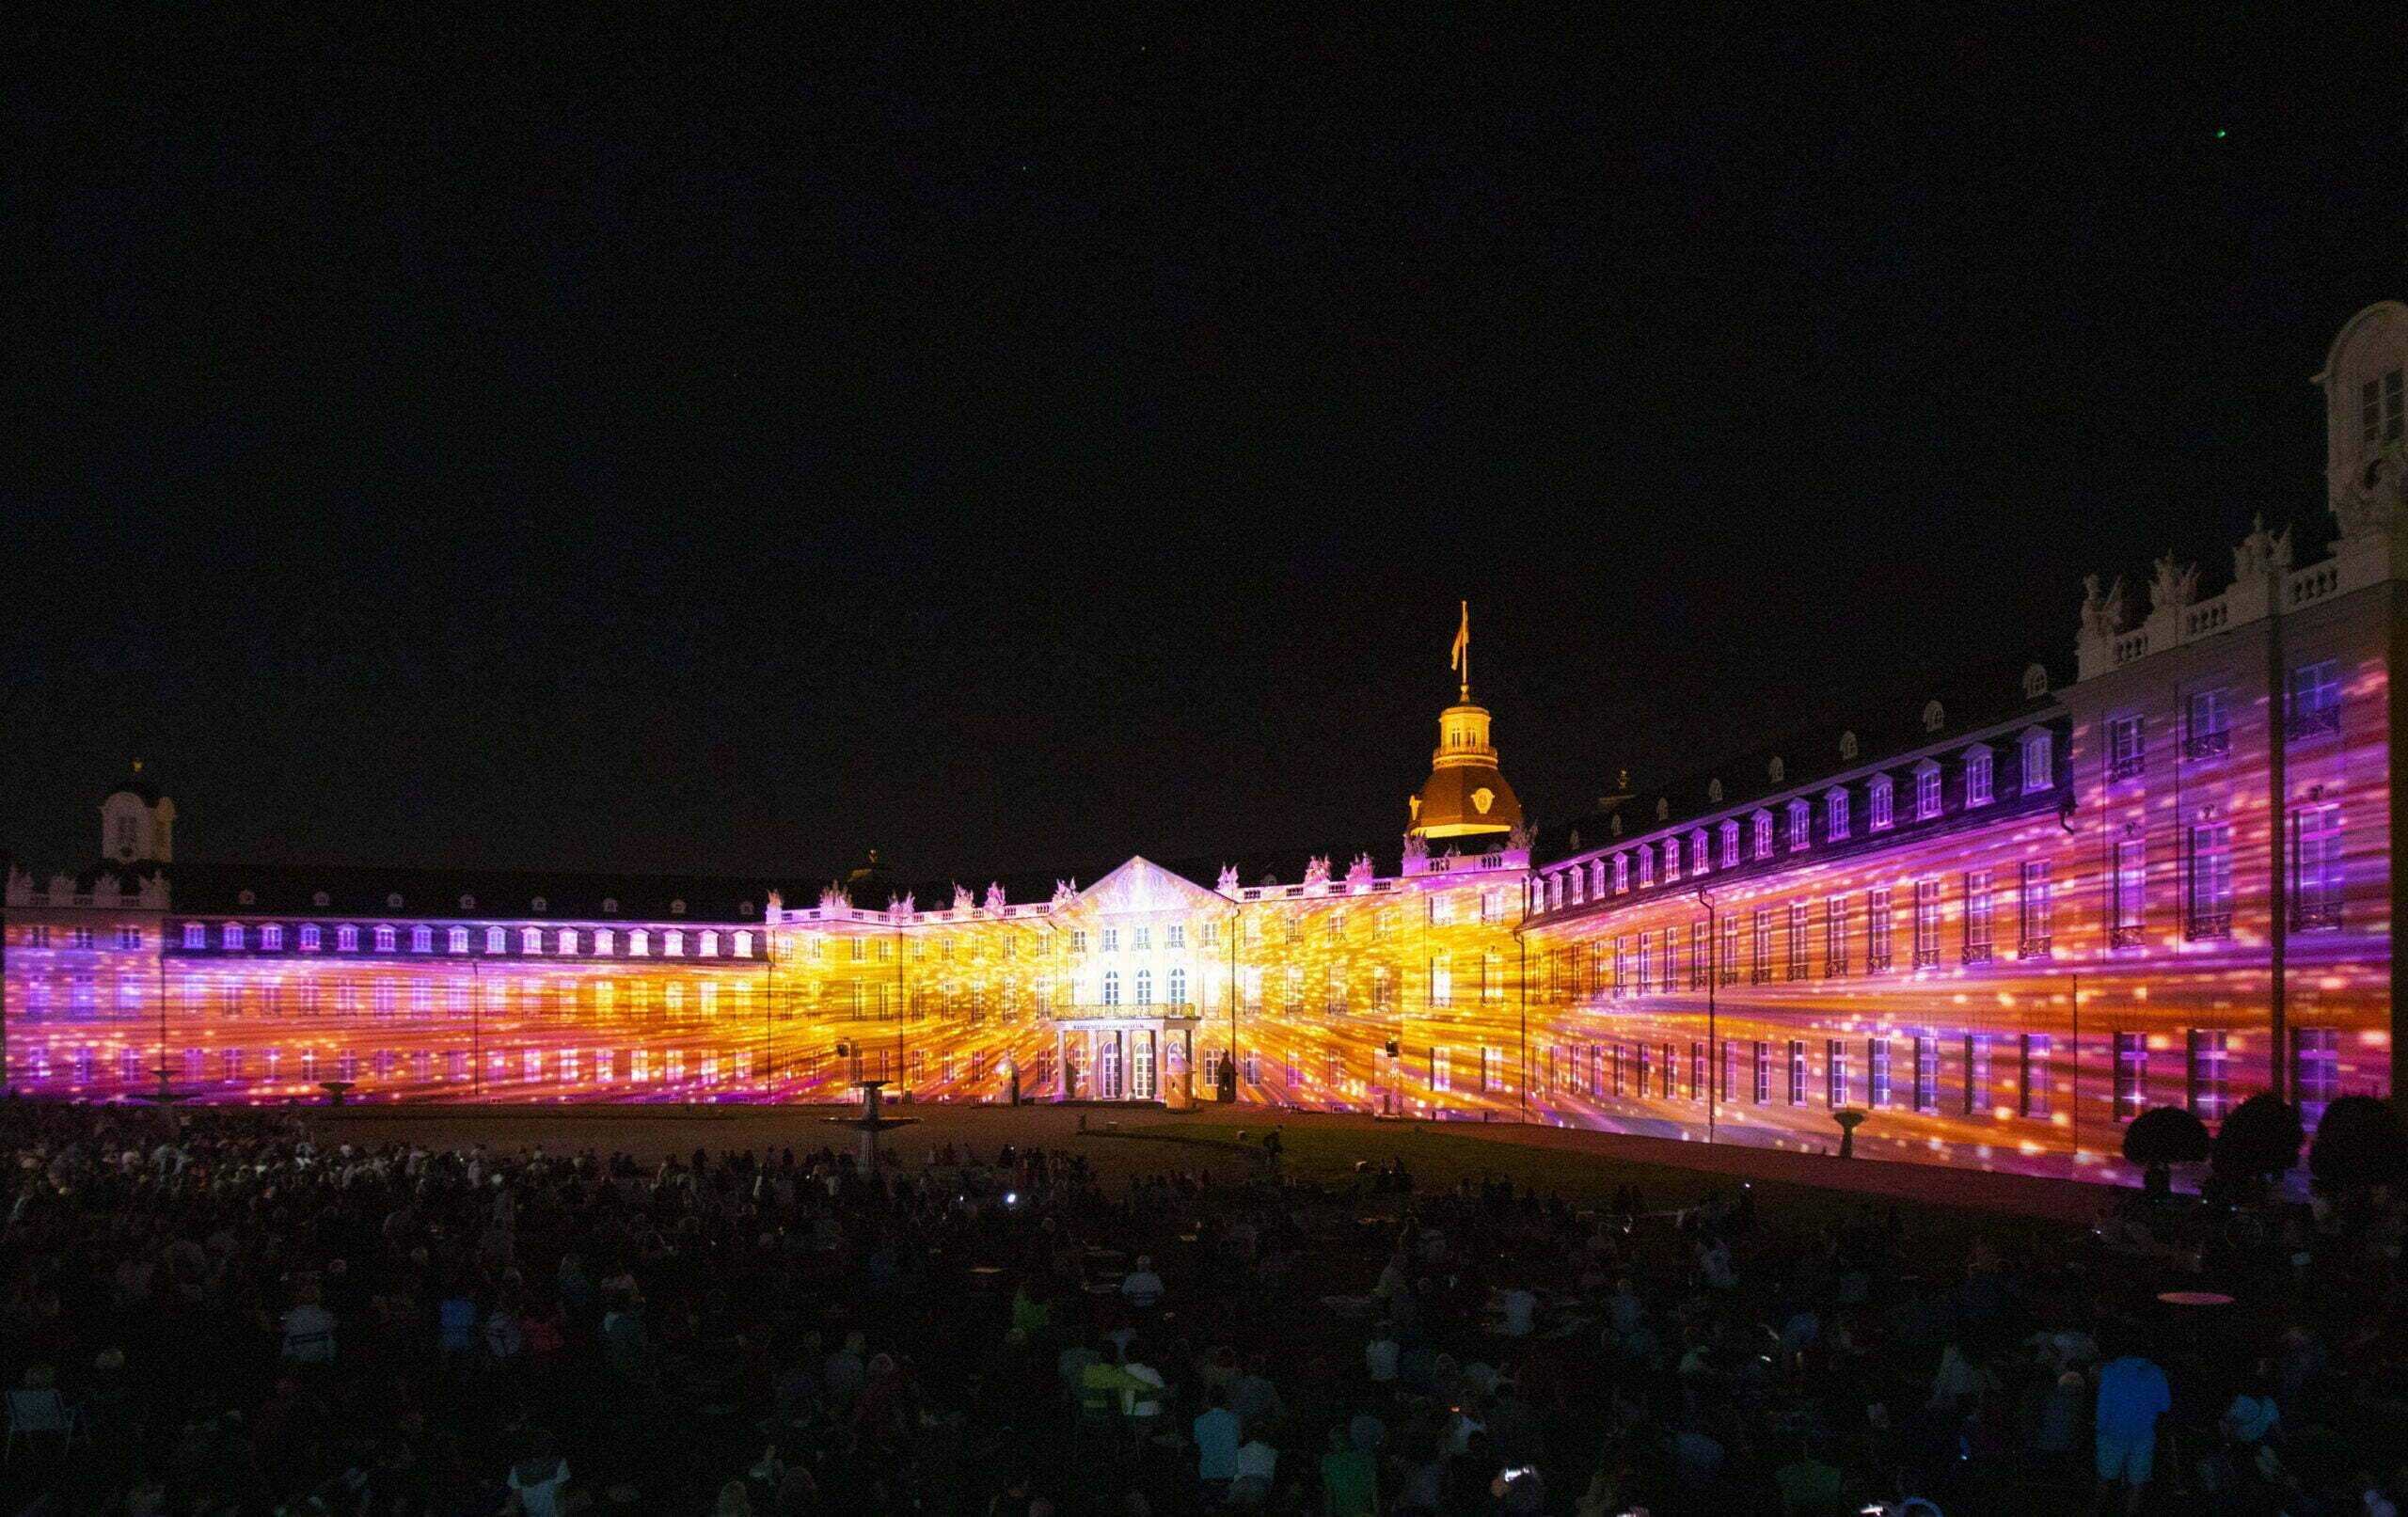 השלוסליכטשפילה, יצירת האמנות הדיגיטלית הגדולה באירופה